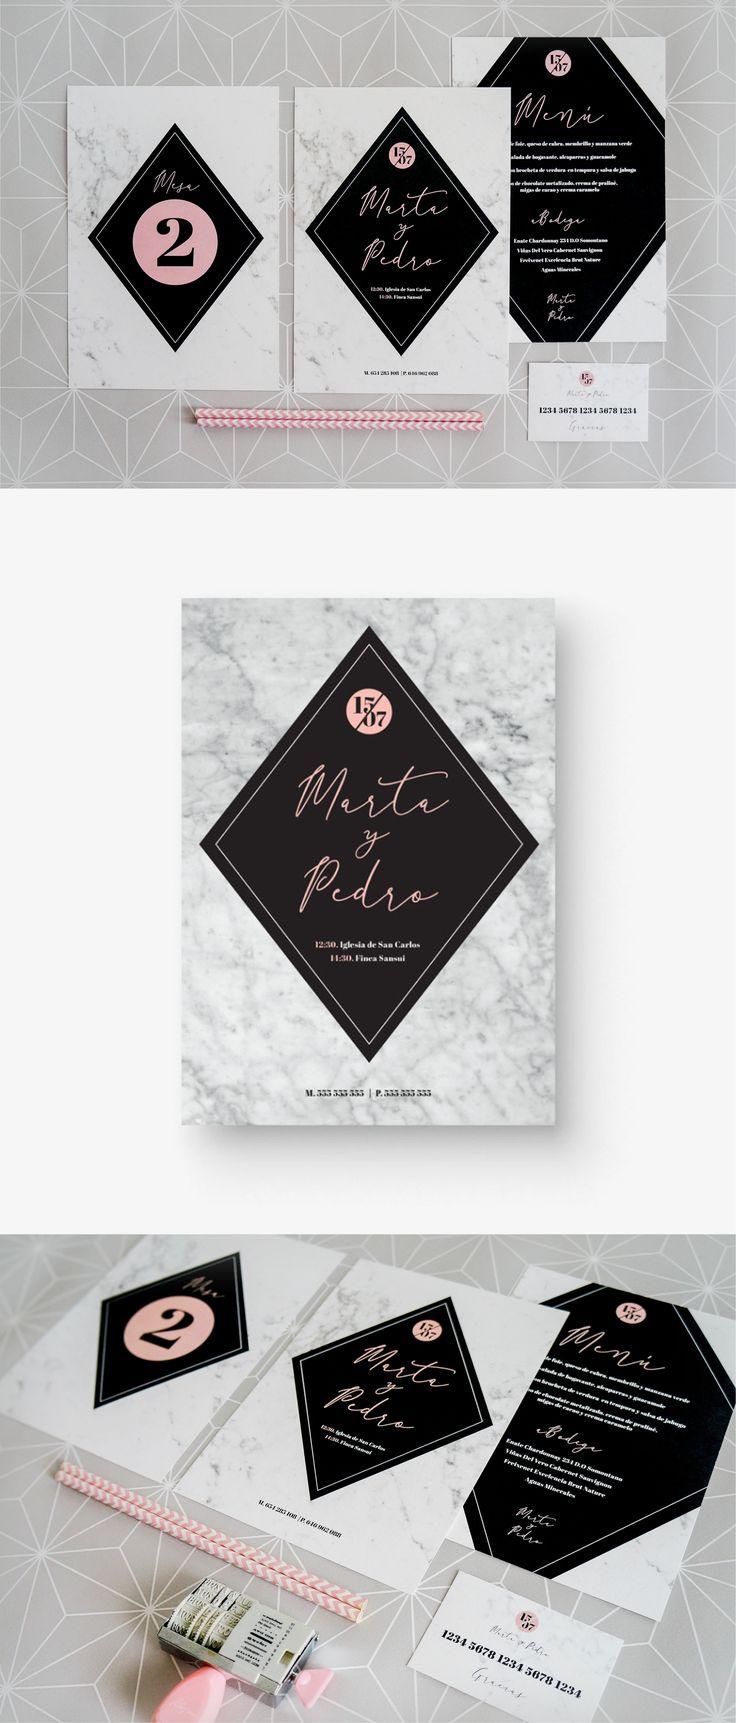 Wedding invitation design with marble texture / Diseño de invitación de boda con textura de mármol